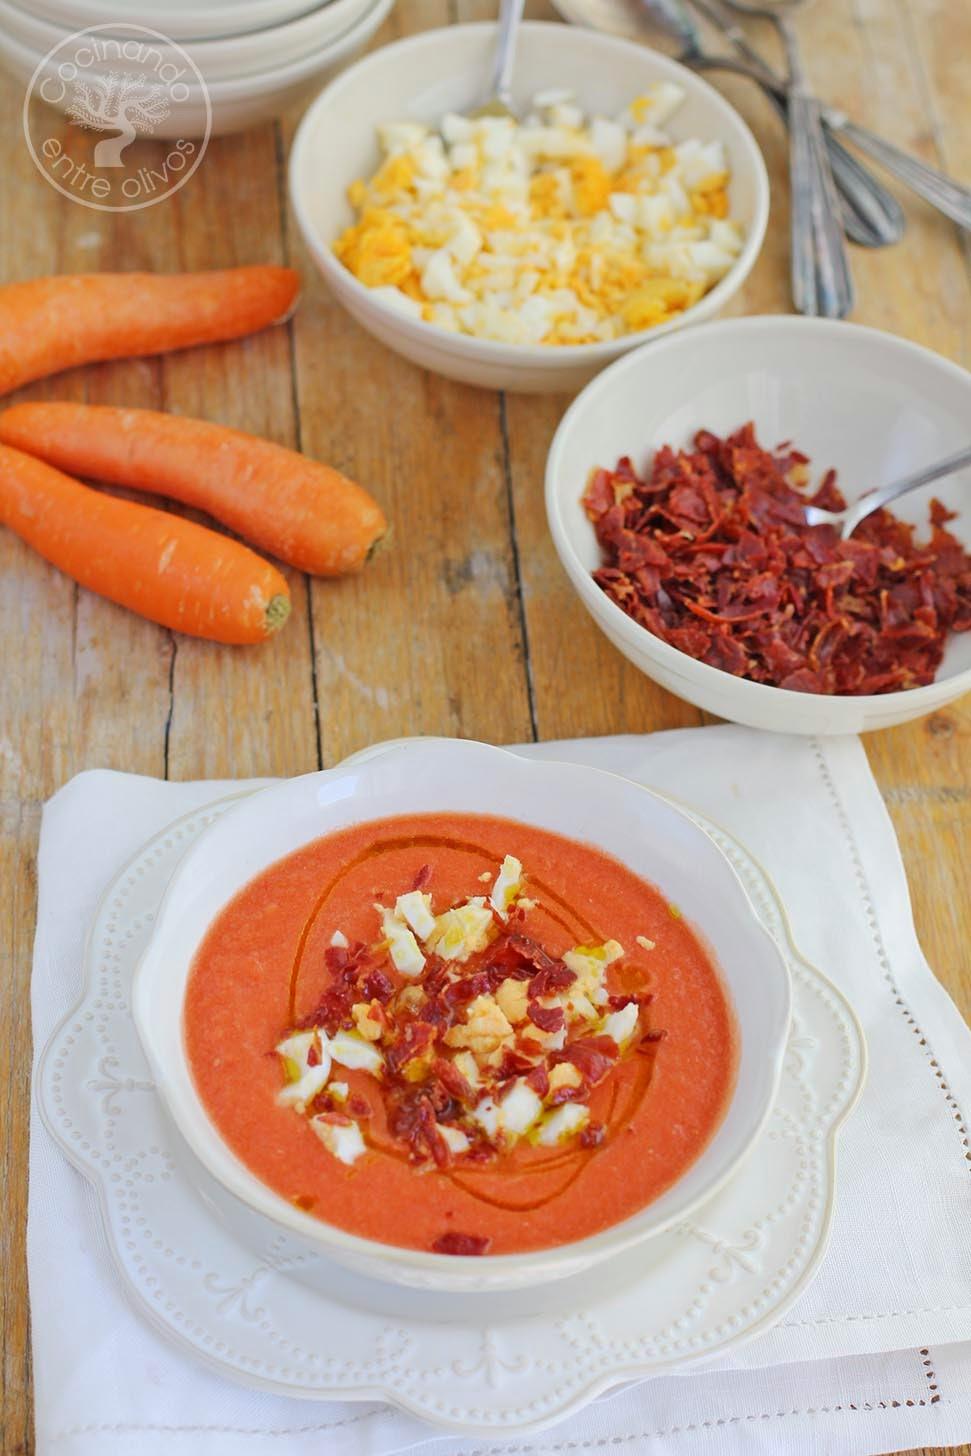 Cocinando entre olivos salmorejo de zanahorias receta for Cocinando entre olivos